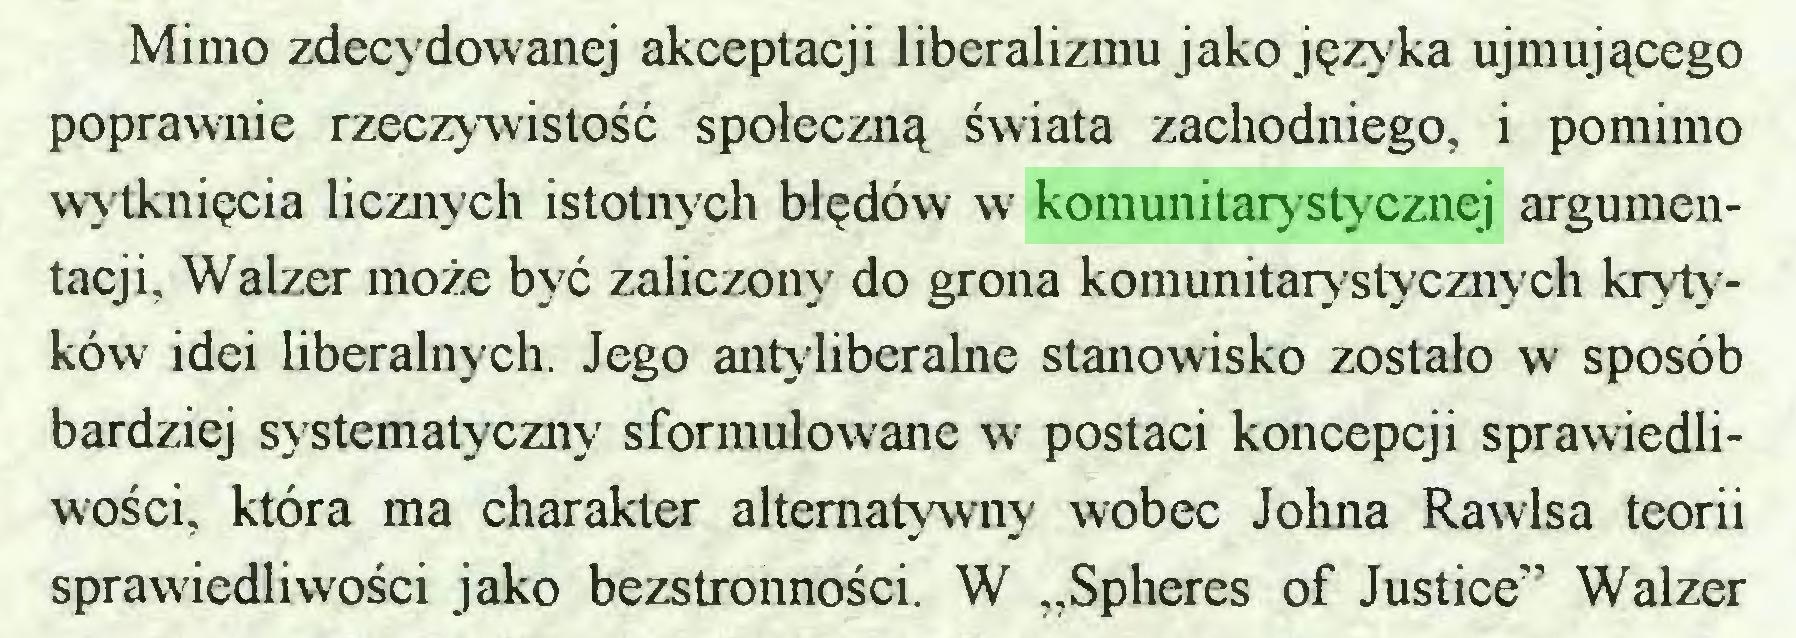 """(...) Mimo zdecydowanej akceptacji liberalizmu jako języka ujmującego poprawnie rzeczywistość społeczną świata zachodniego, i pomimo wytknięcia licznych istotnych błędów w komunitarystycznej argumentacji, Walzer może być zaliczony do grona komunitarystycznych krytyków idei liberalnych. Jego antyliberalne stanowisko zostało w sposób bardziej systematyczny sformułowane w postaci koncepcji sprawiedliwości, która ma charakter alternatywny wobec Johna Rawlsa teorii sprawiedliwości jako bezstronności. W """"Spheres of Justice"""" Walzer..."""